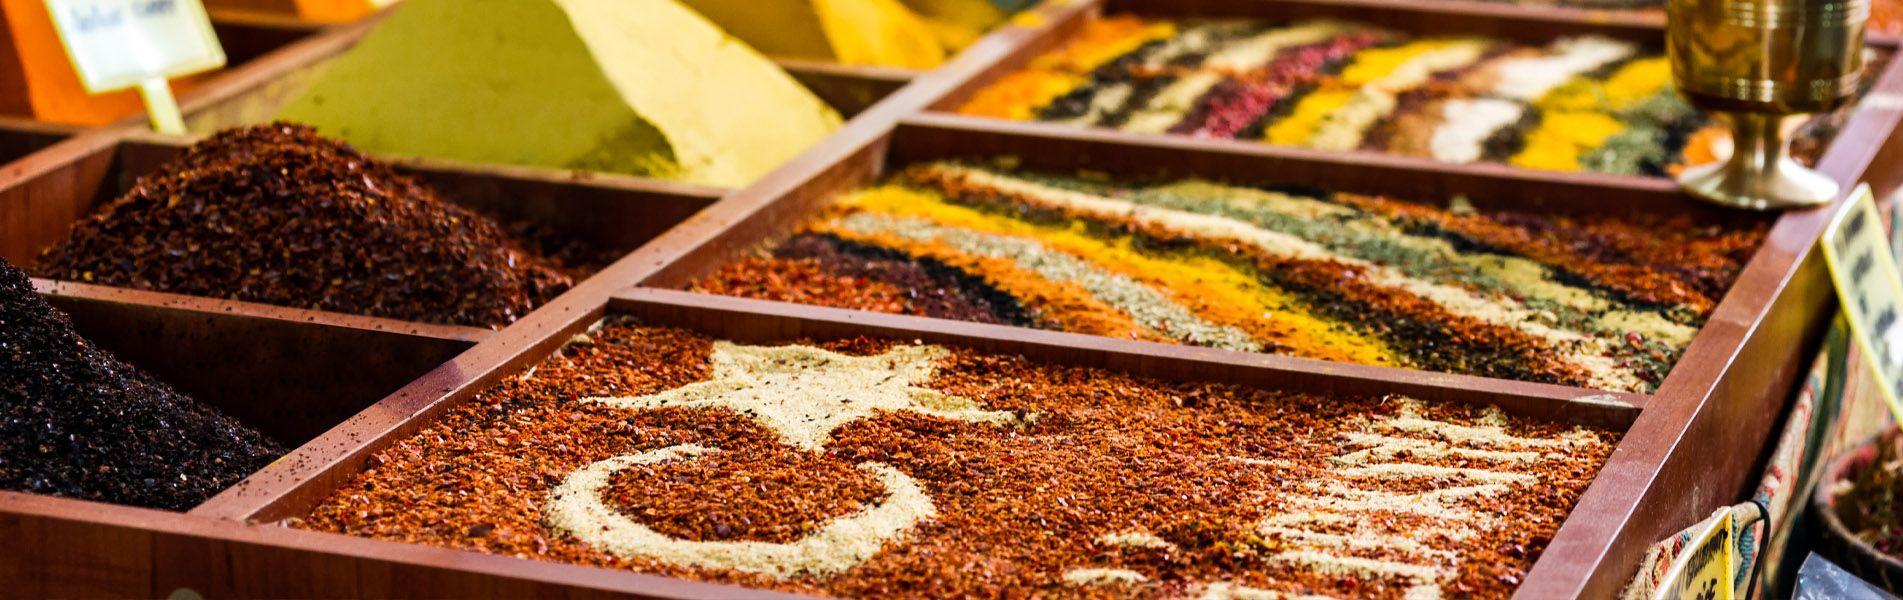 Bazar de las Especias, Turquía